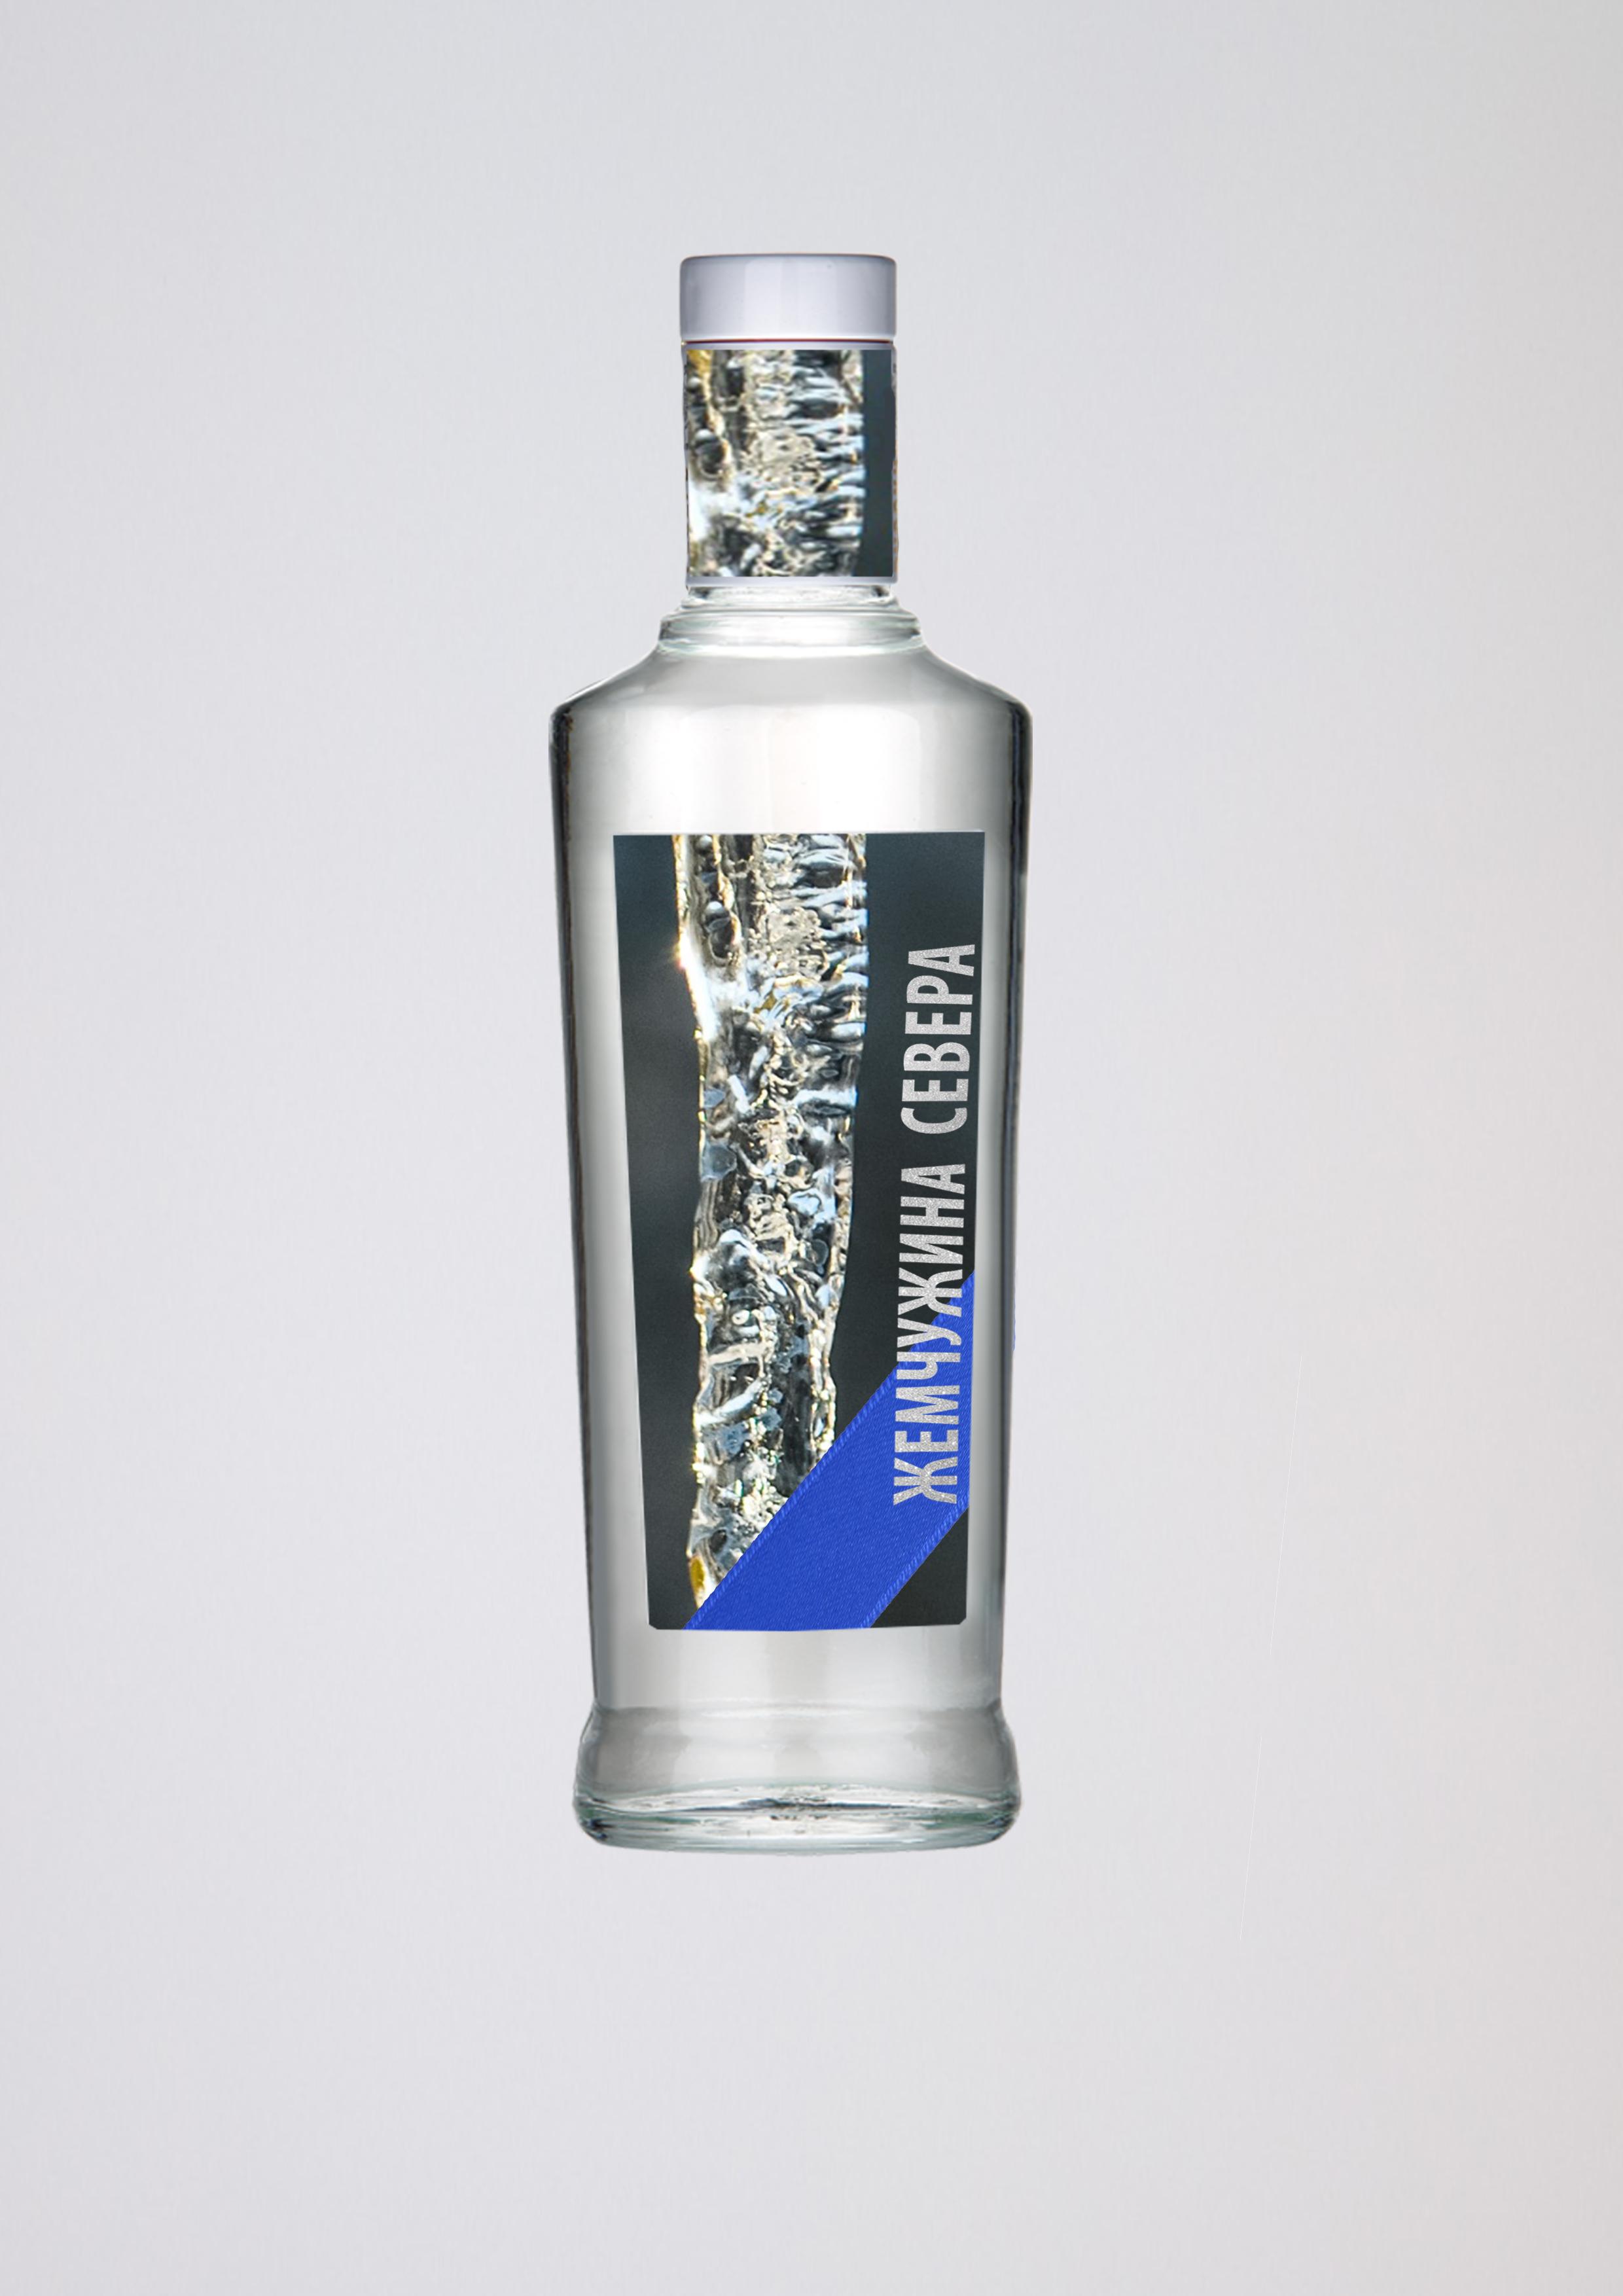 Требуется разработка этикетки для водки ТМ Жемчужина Севера фото f_96759e31d4d28dc6.jpg